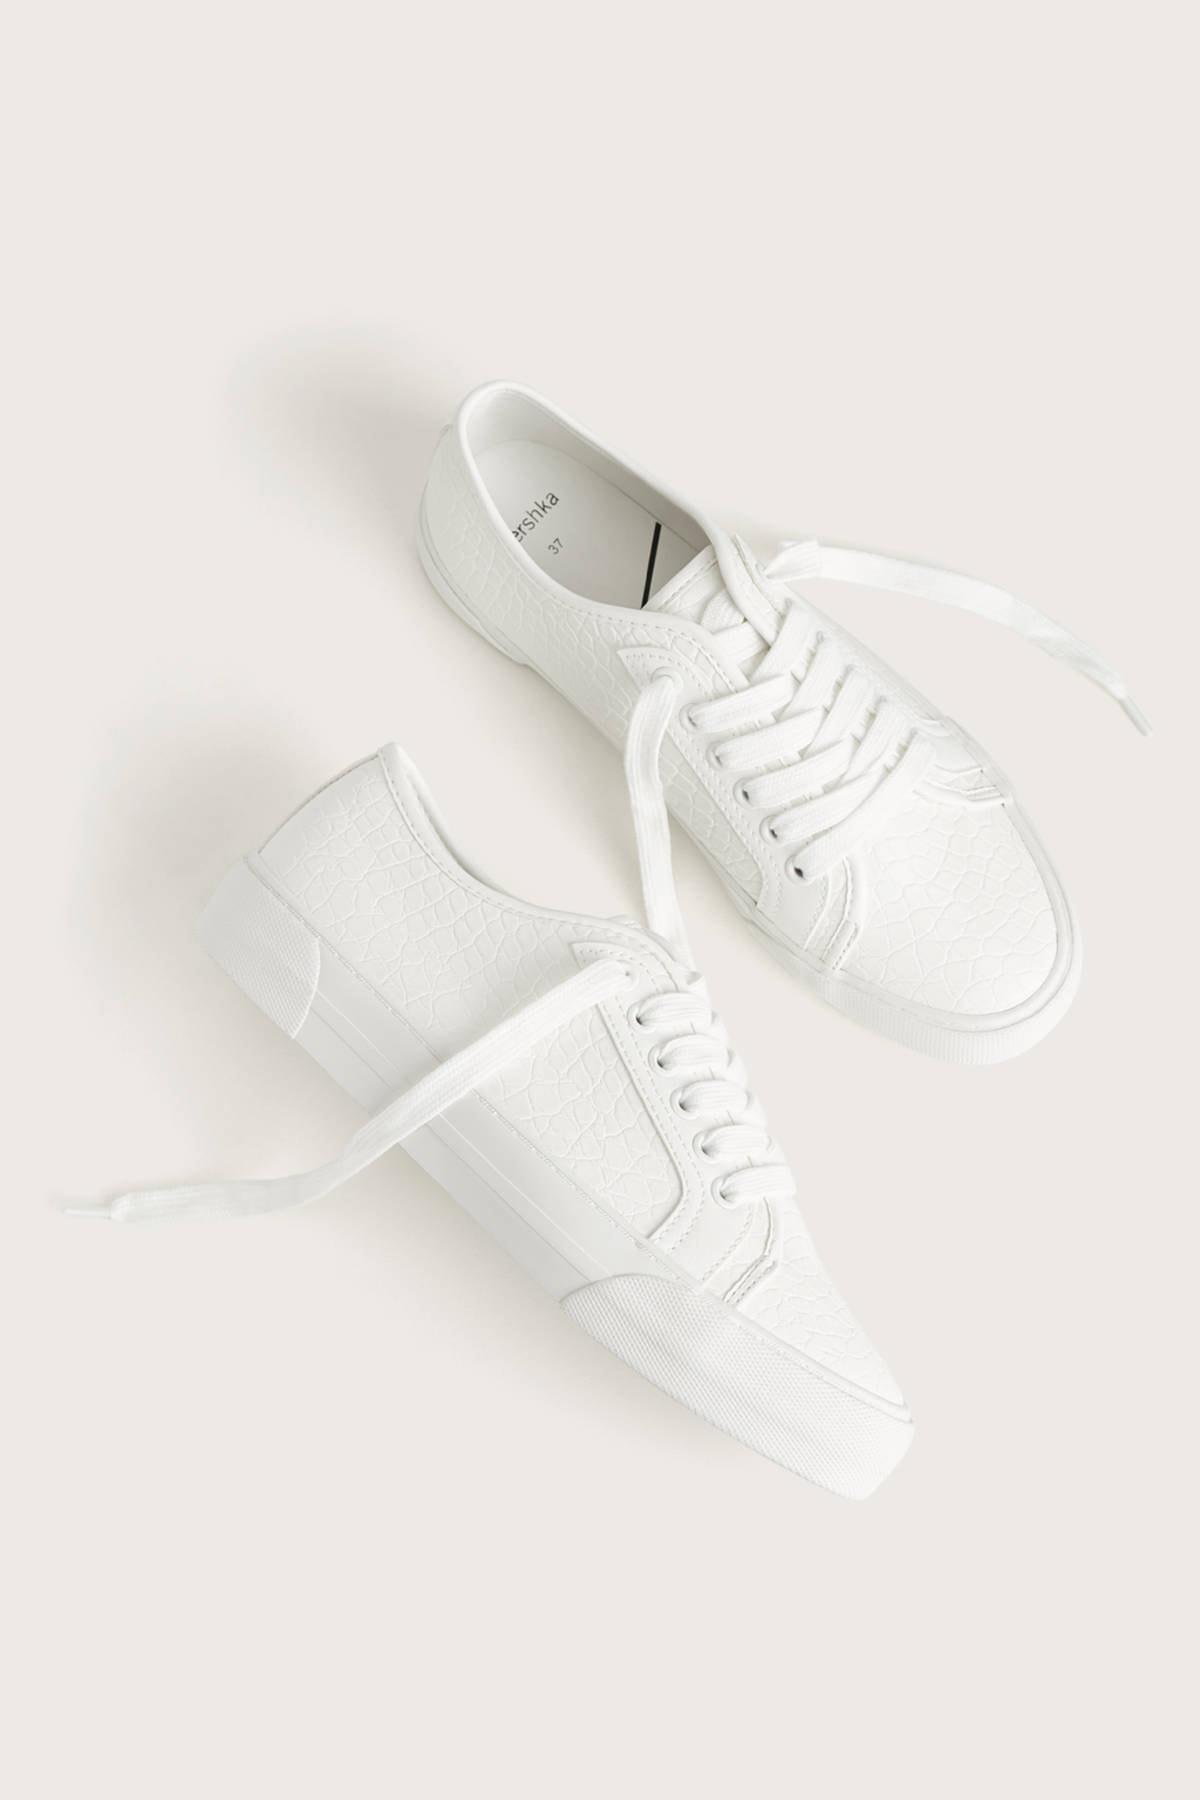 Bershka Kadın Beyaz Kabartma Timsah Derisi Efektli Spor Ayakkabı 11406560 1